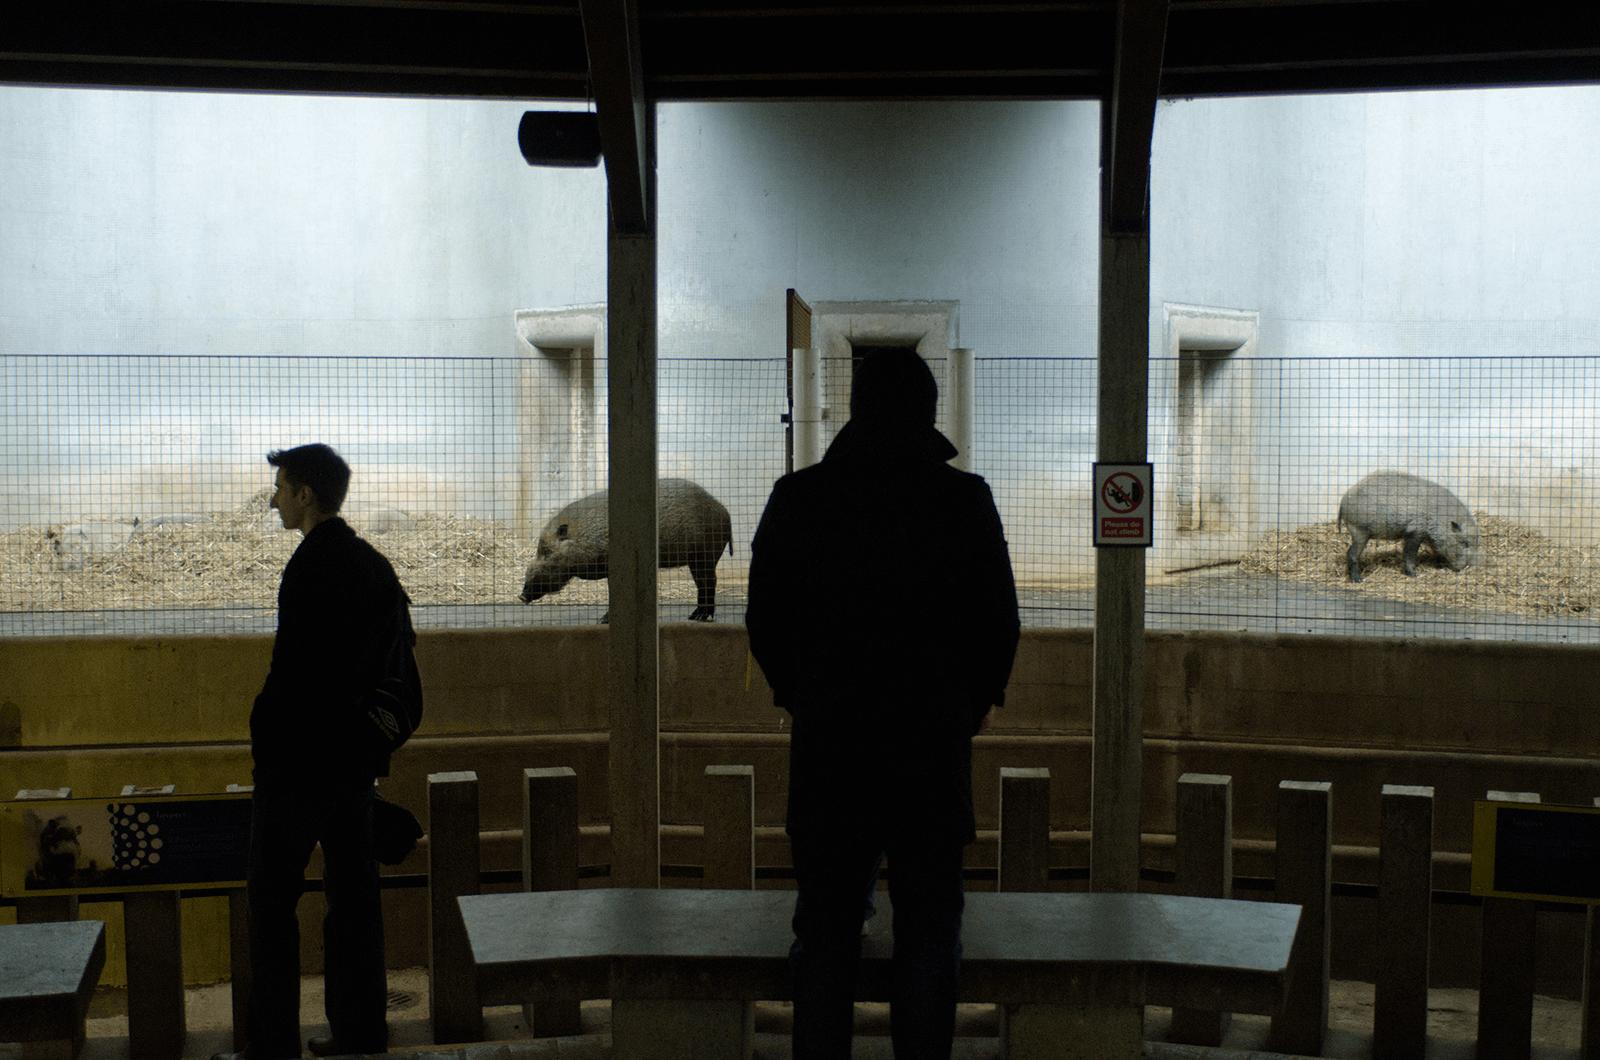 Lichtkontrast mit Blick auf zwei Personen, die Tiere in einem Zookäfig betrachten